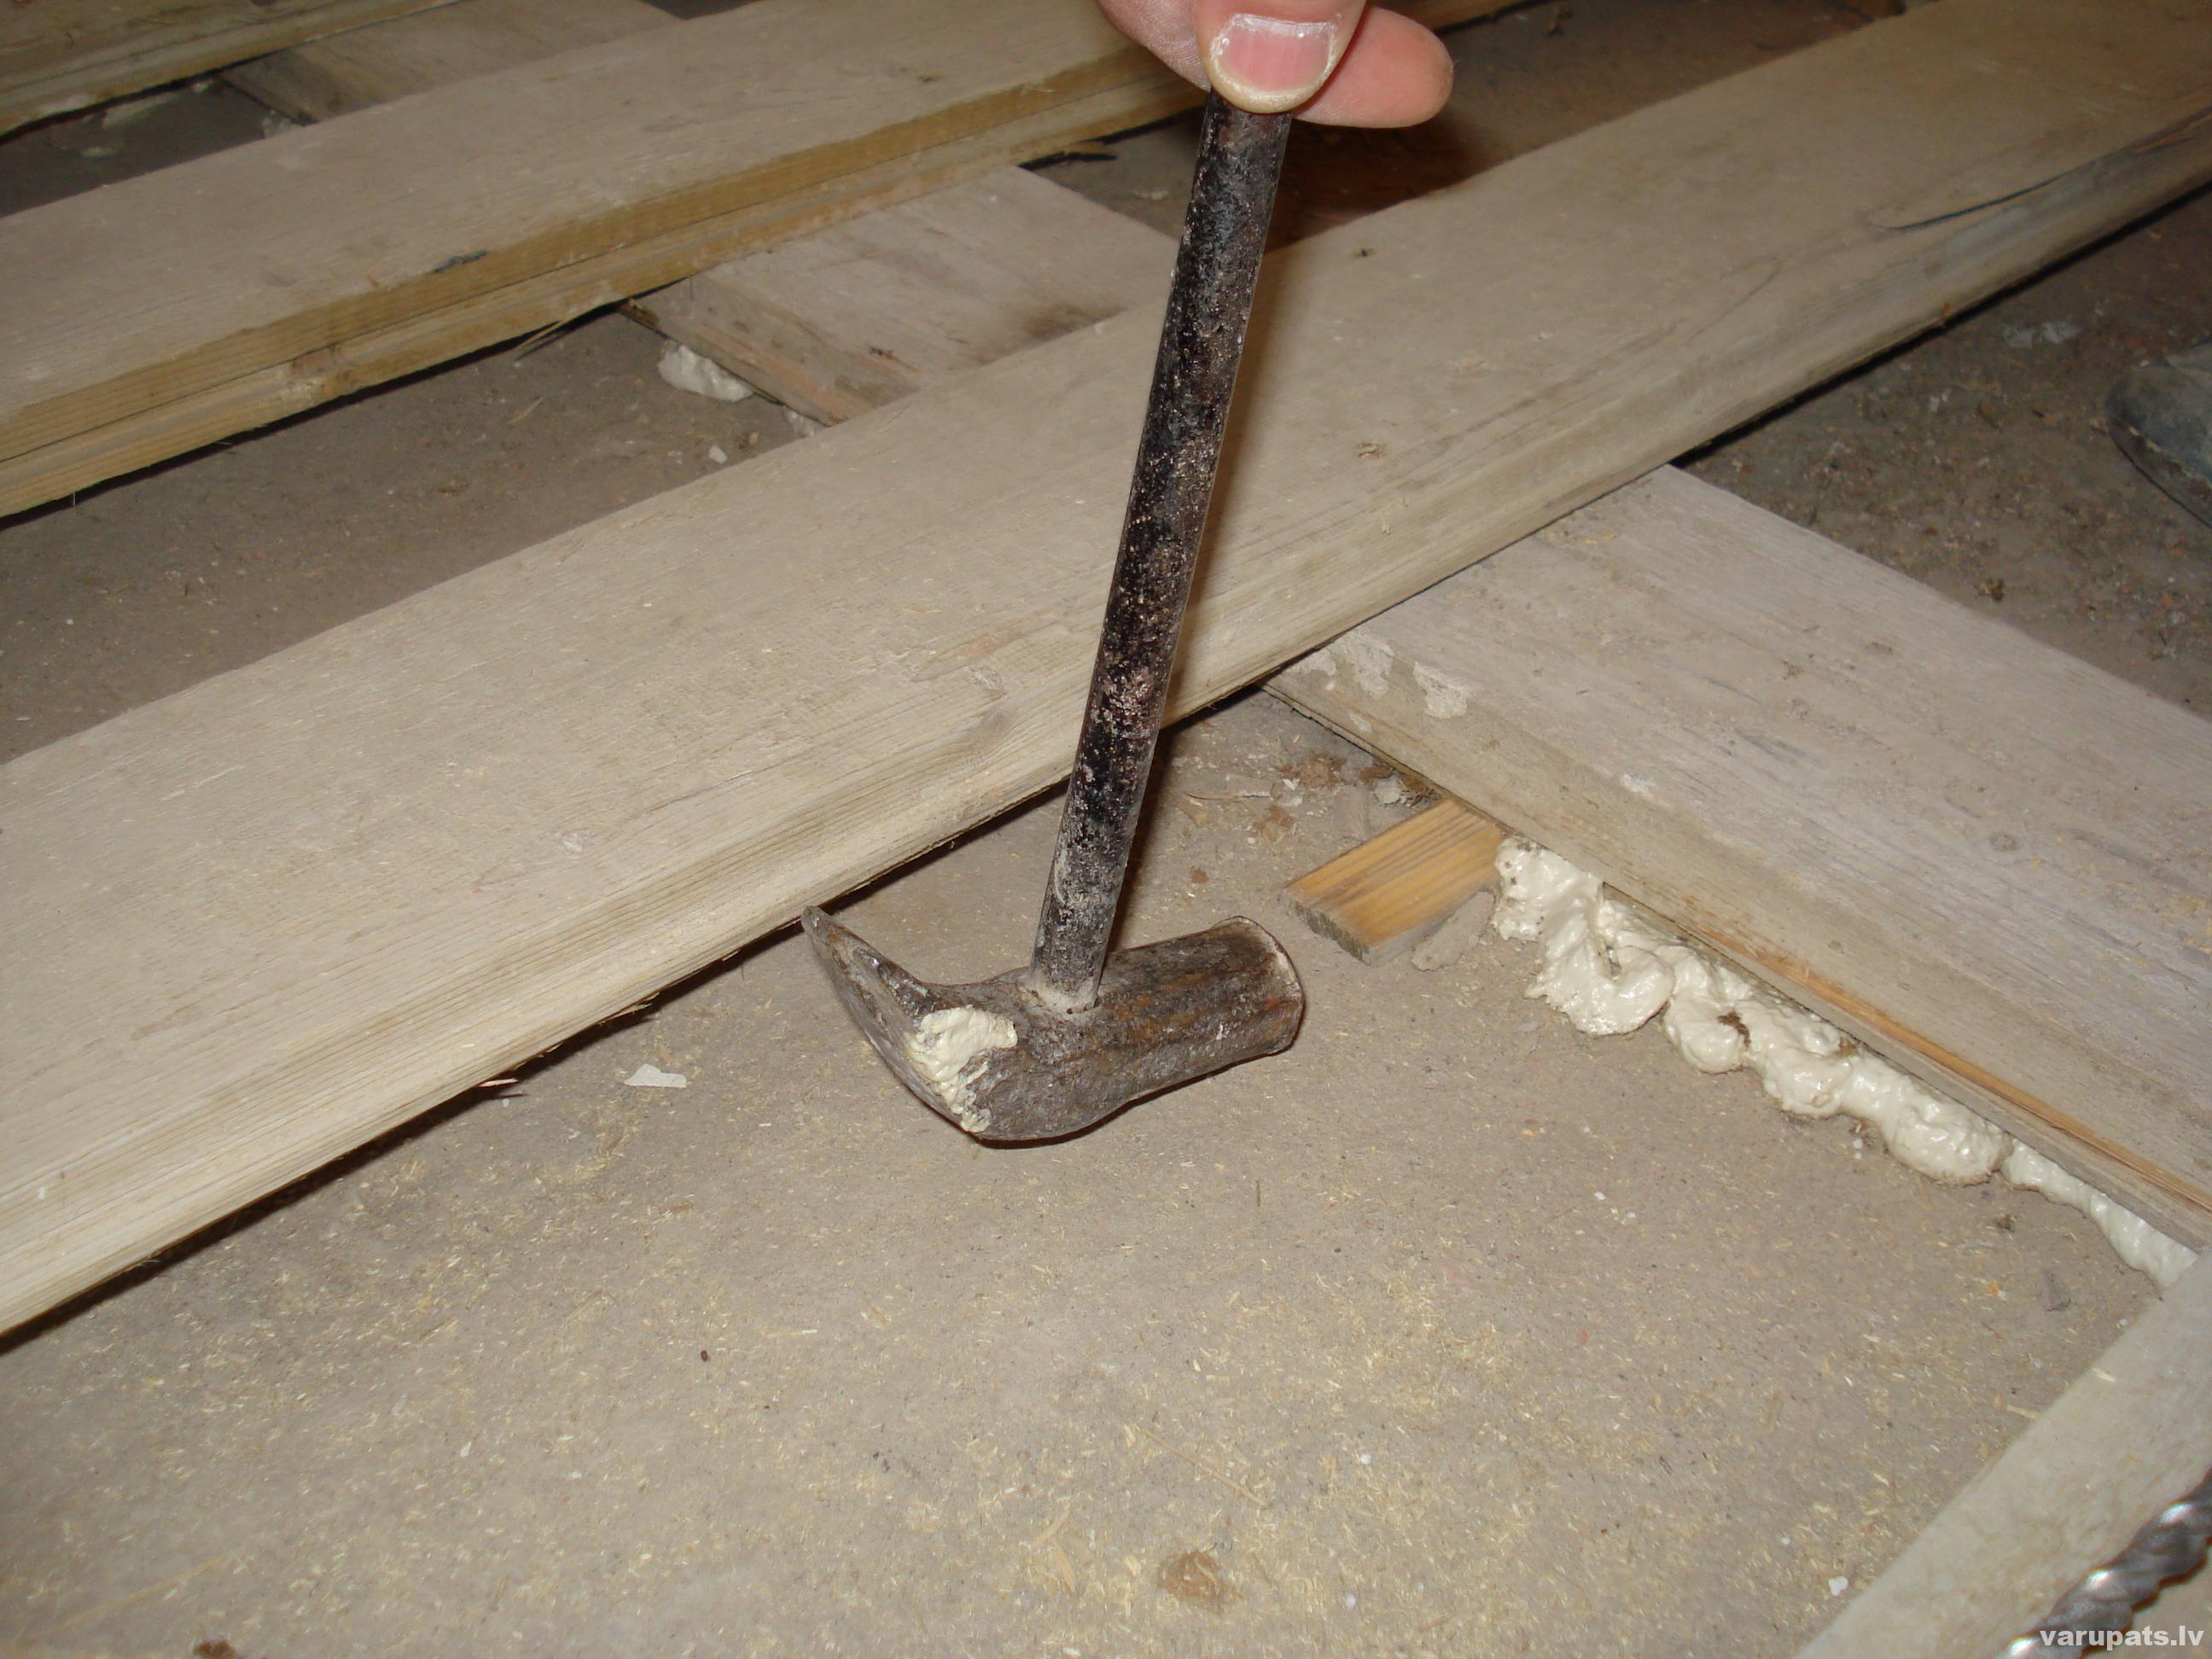 Jaunā grīda no vecās grīdas dēļiem